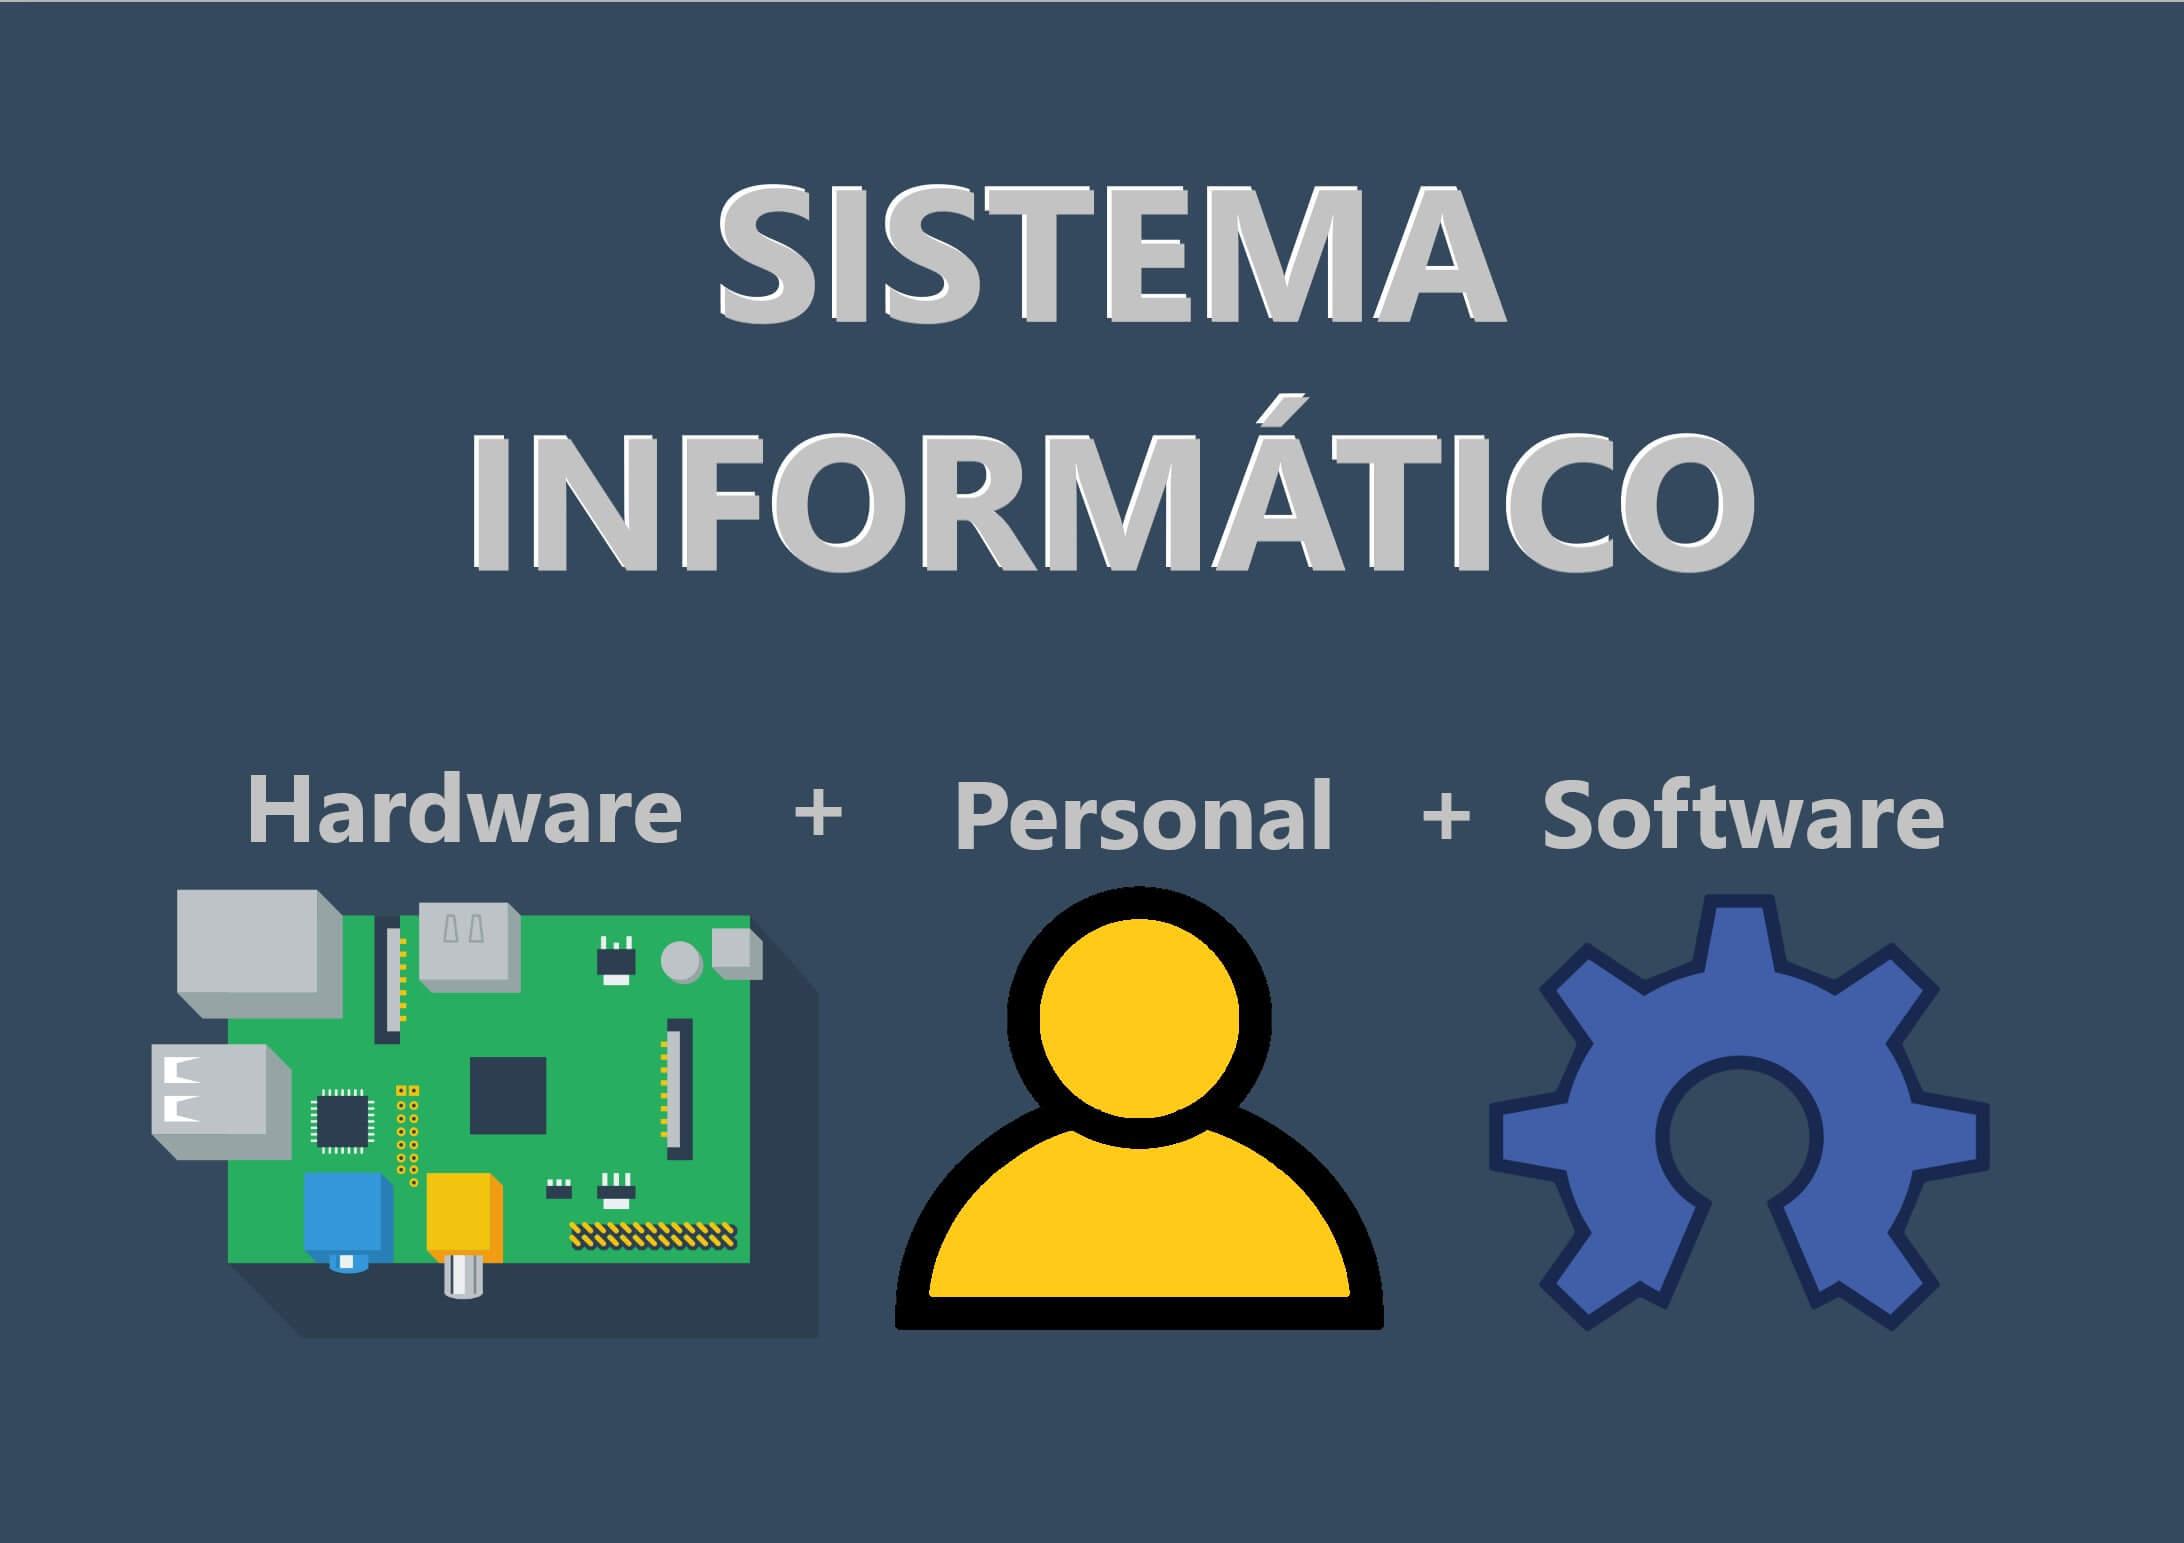 Composición de un sistema informático